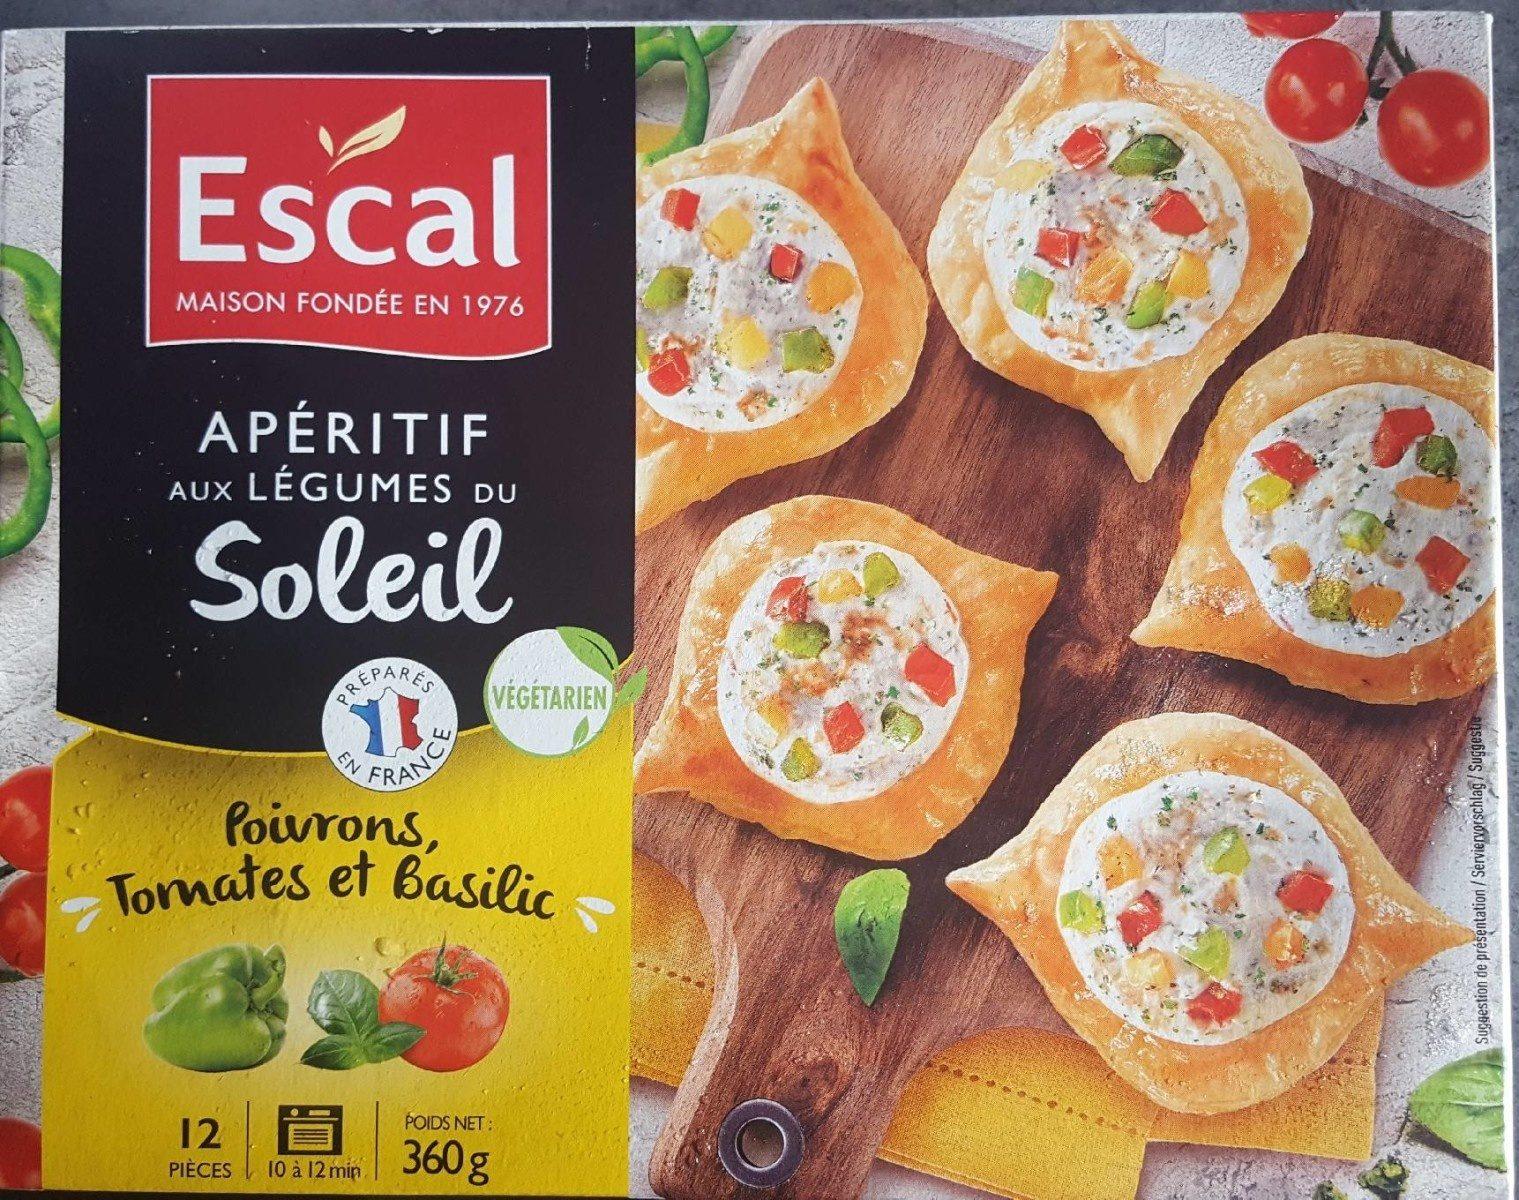 Apéritif aux légumes du soleil - Product - fr